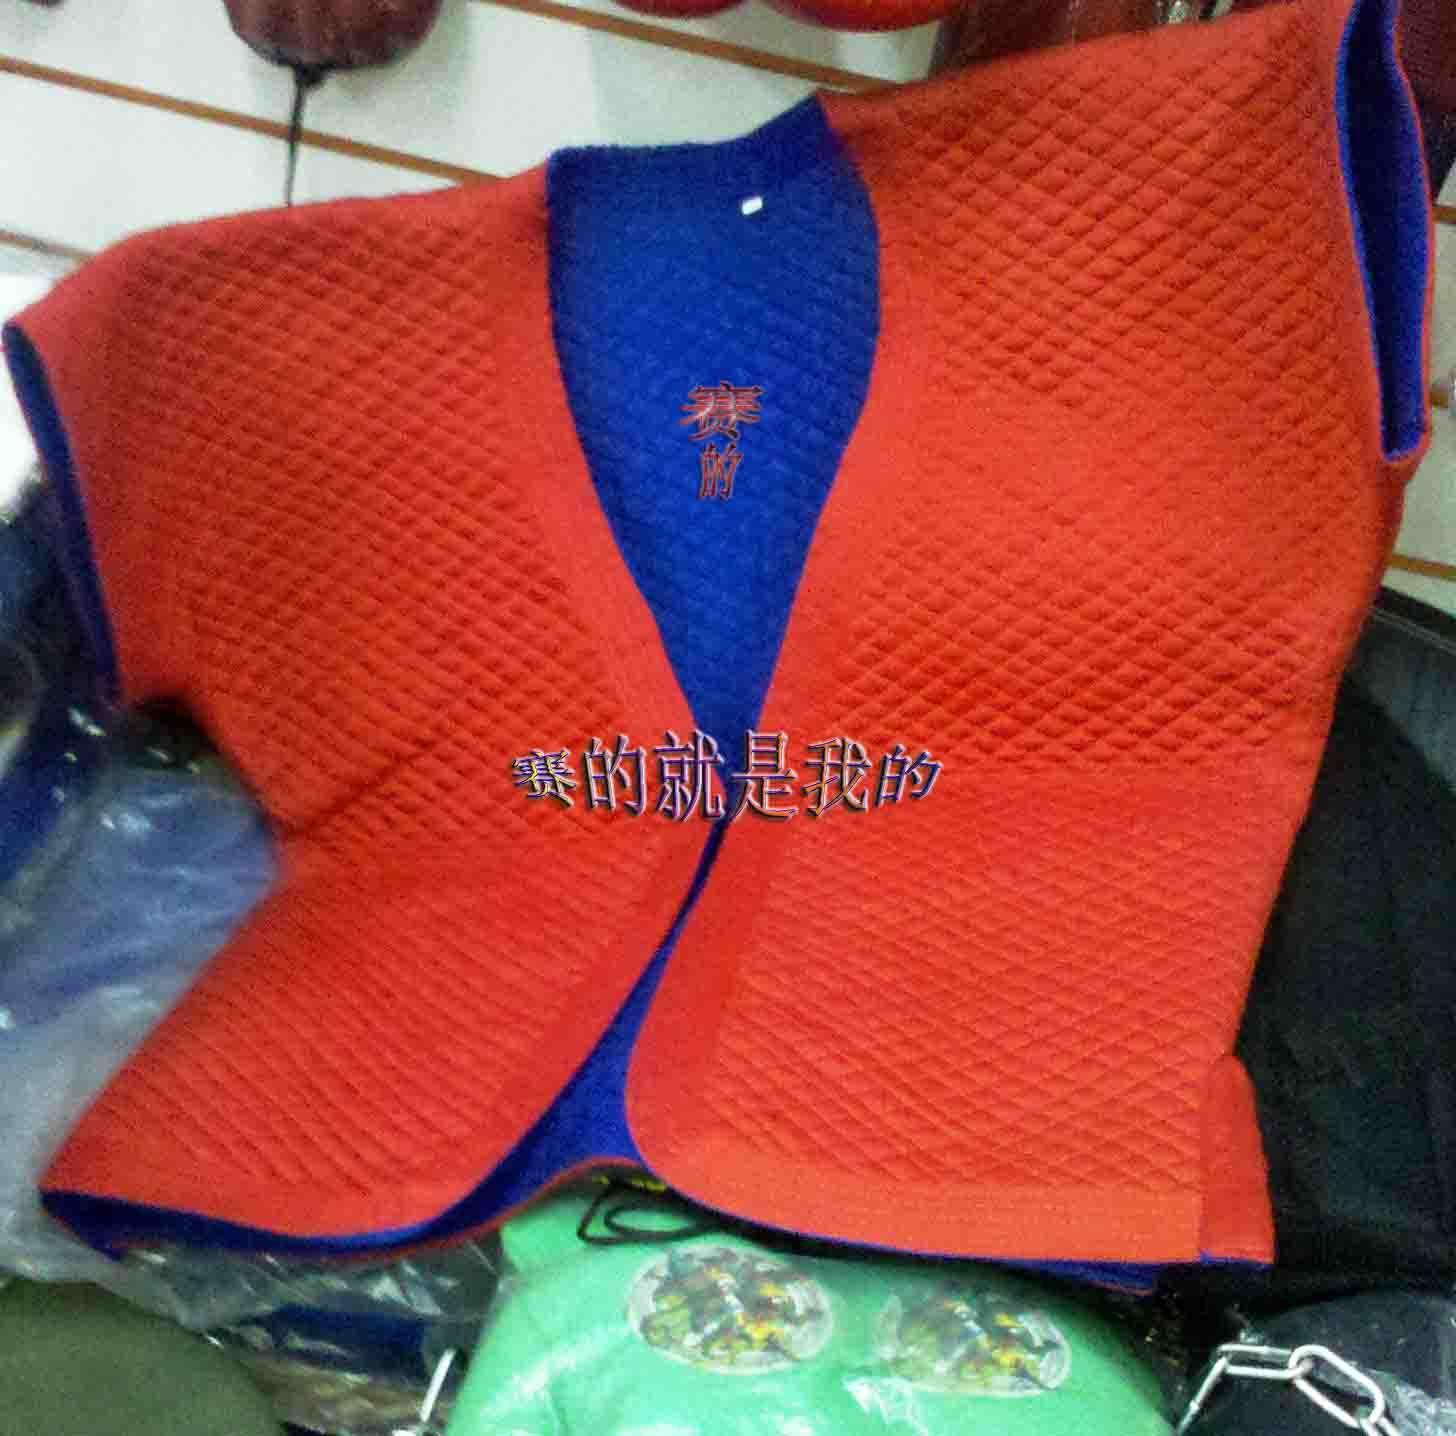 Форма для борьбы Пекин МЛМ профессиональная спортивная одежда/традиционная борьба одежды борьба одежда традиционные 褡裢 синего и красного на обеих сторонах можно носить